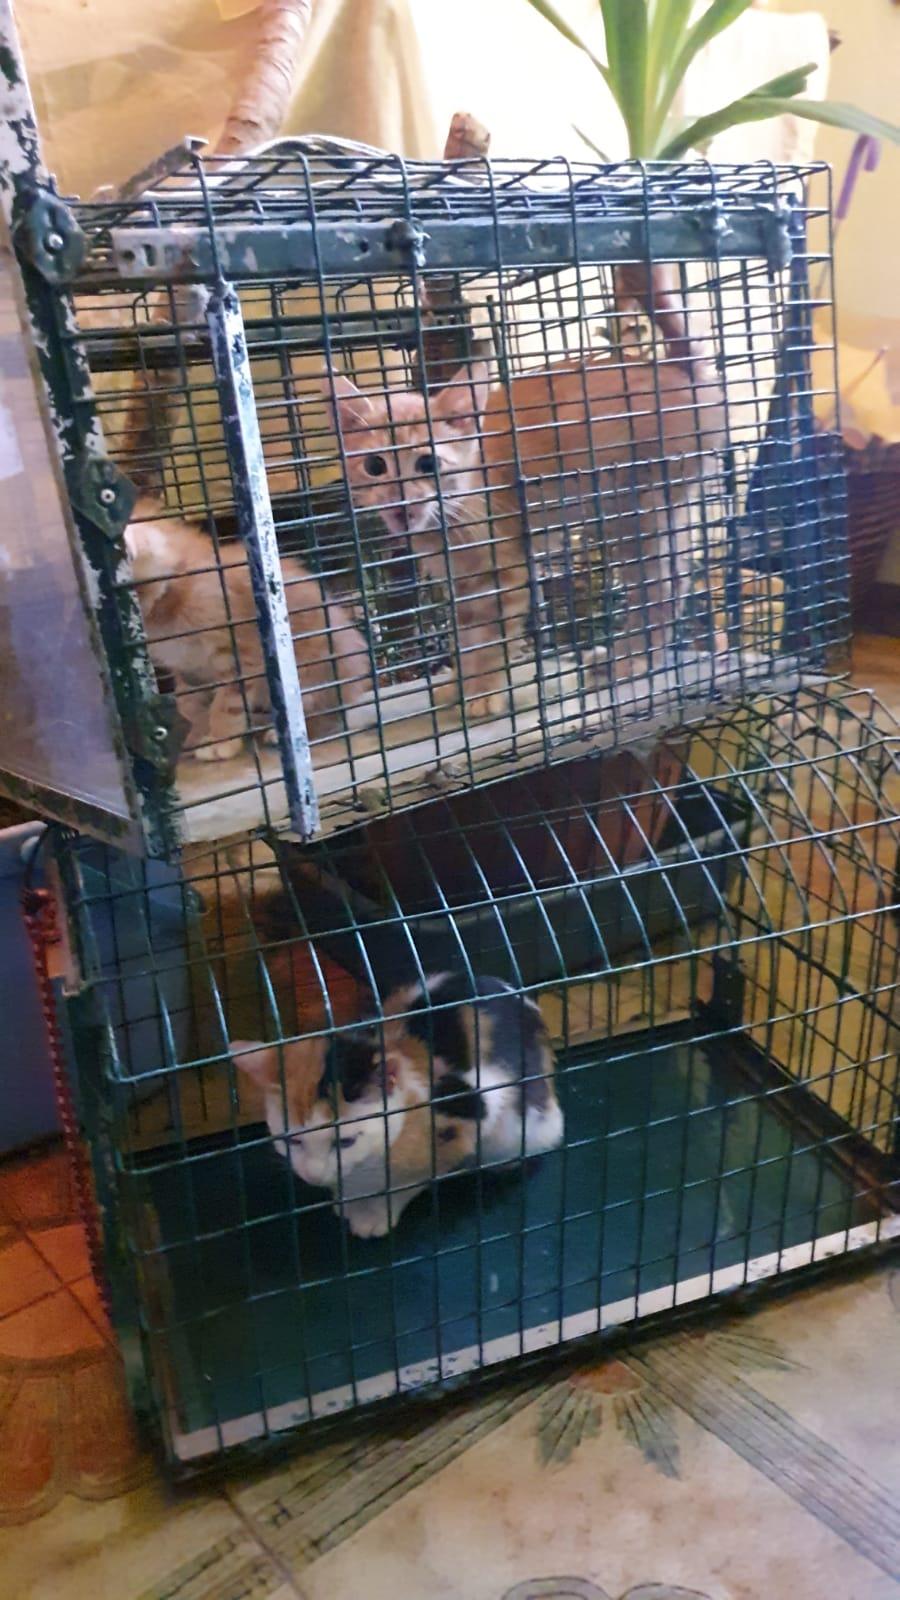 Rete Per Gatti Condominio via lavinio: l'inferno dei gatti continua - il richiamo